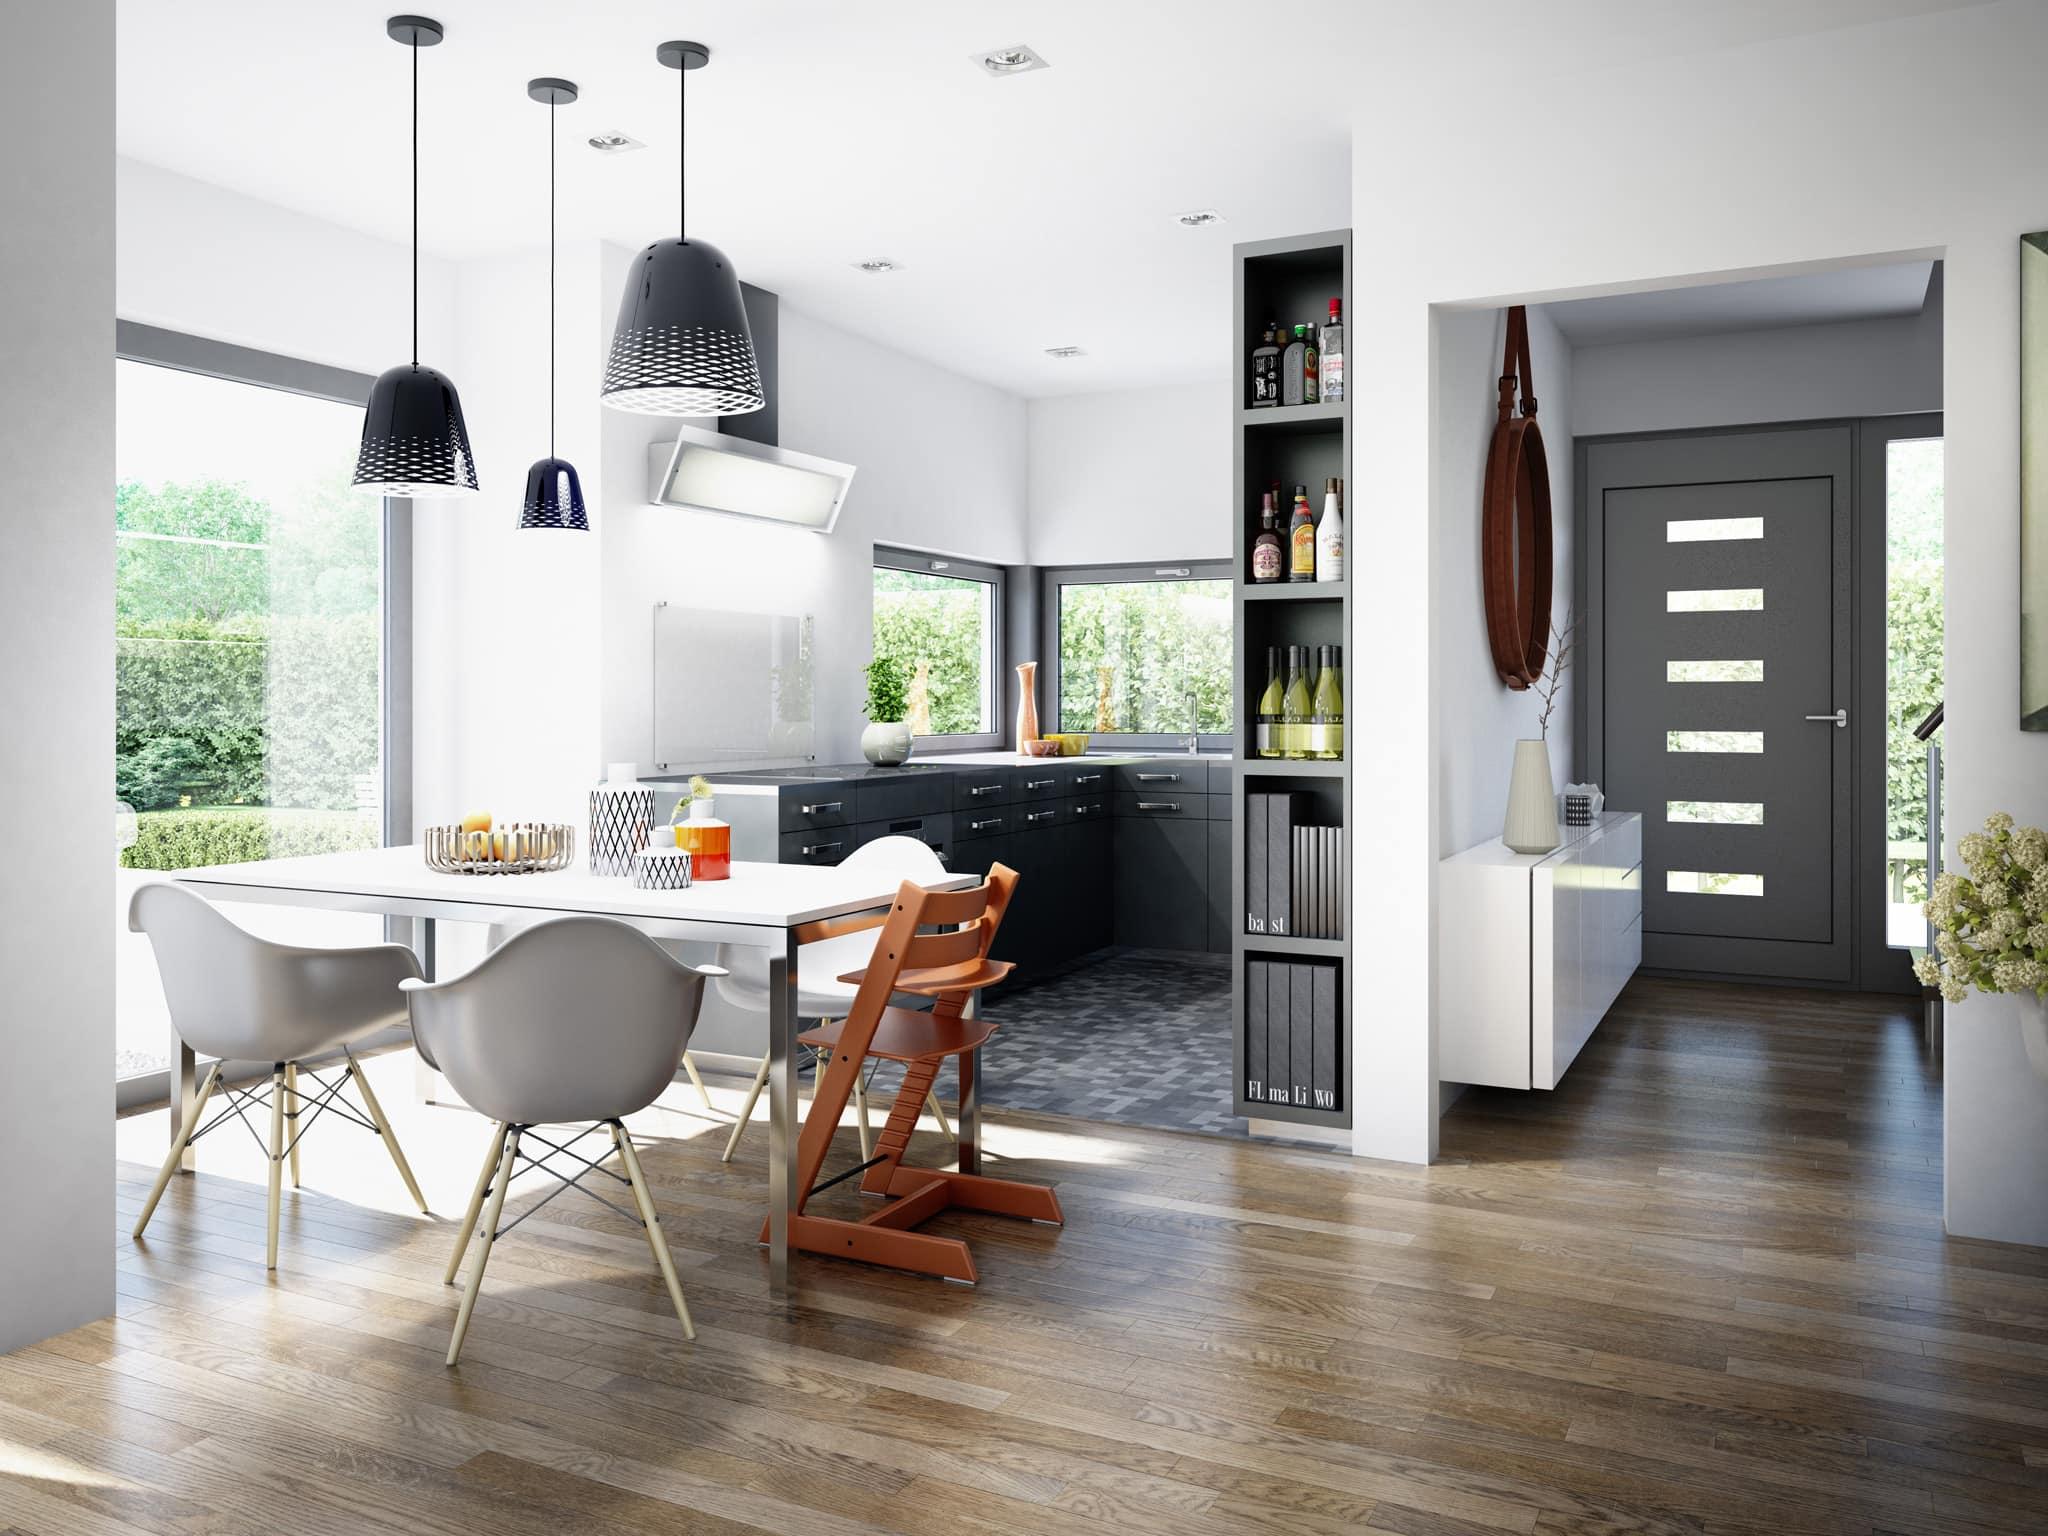 Offene Küche mit Esstisch - Ideen Inneneinrichtung Fertighaus Stadtvilla Living Haus SUNSHINE 151 V7 - HausbauDirekt.de